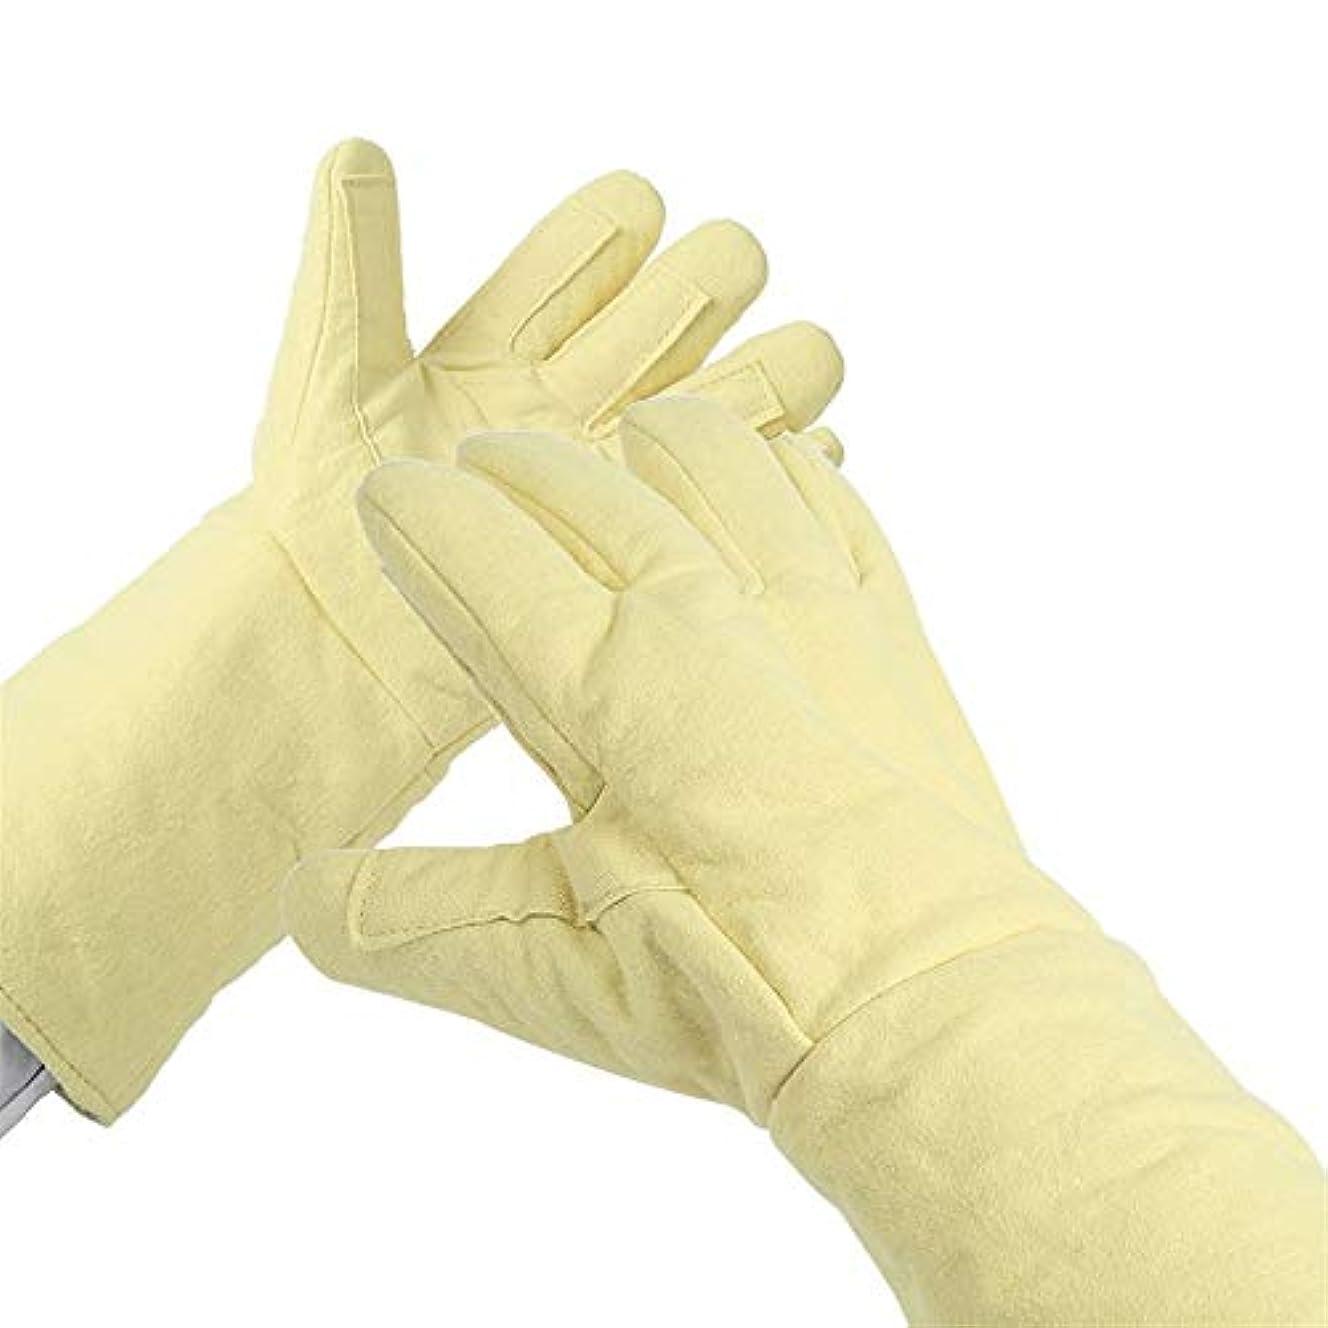 リットル古くなった将来のBTXXYJP 高温耐性 手袋 アンチカッティング ハンド 穿刺 保護 産業労働者 耐摩耗性 手袋 (Color : Yellow, Size : L)